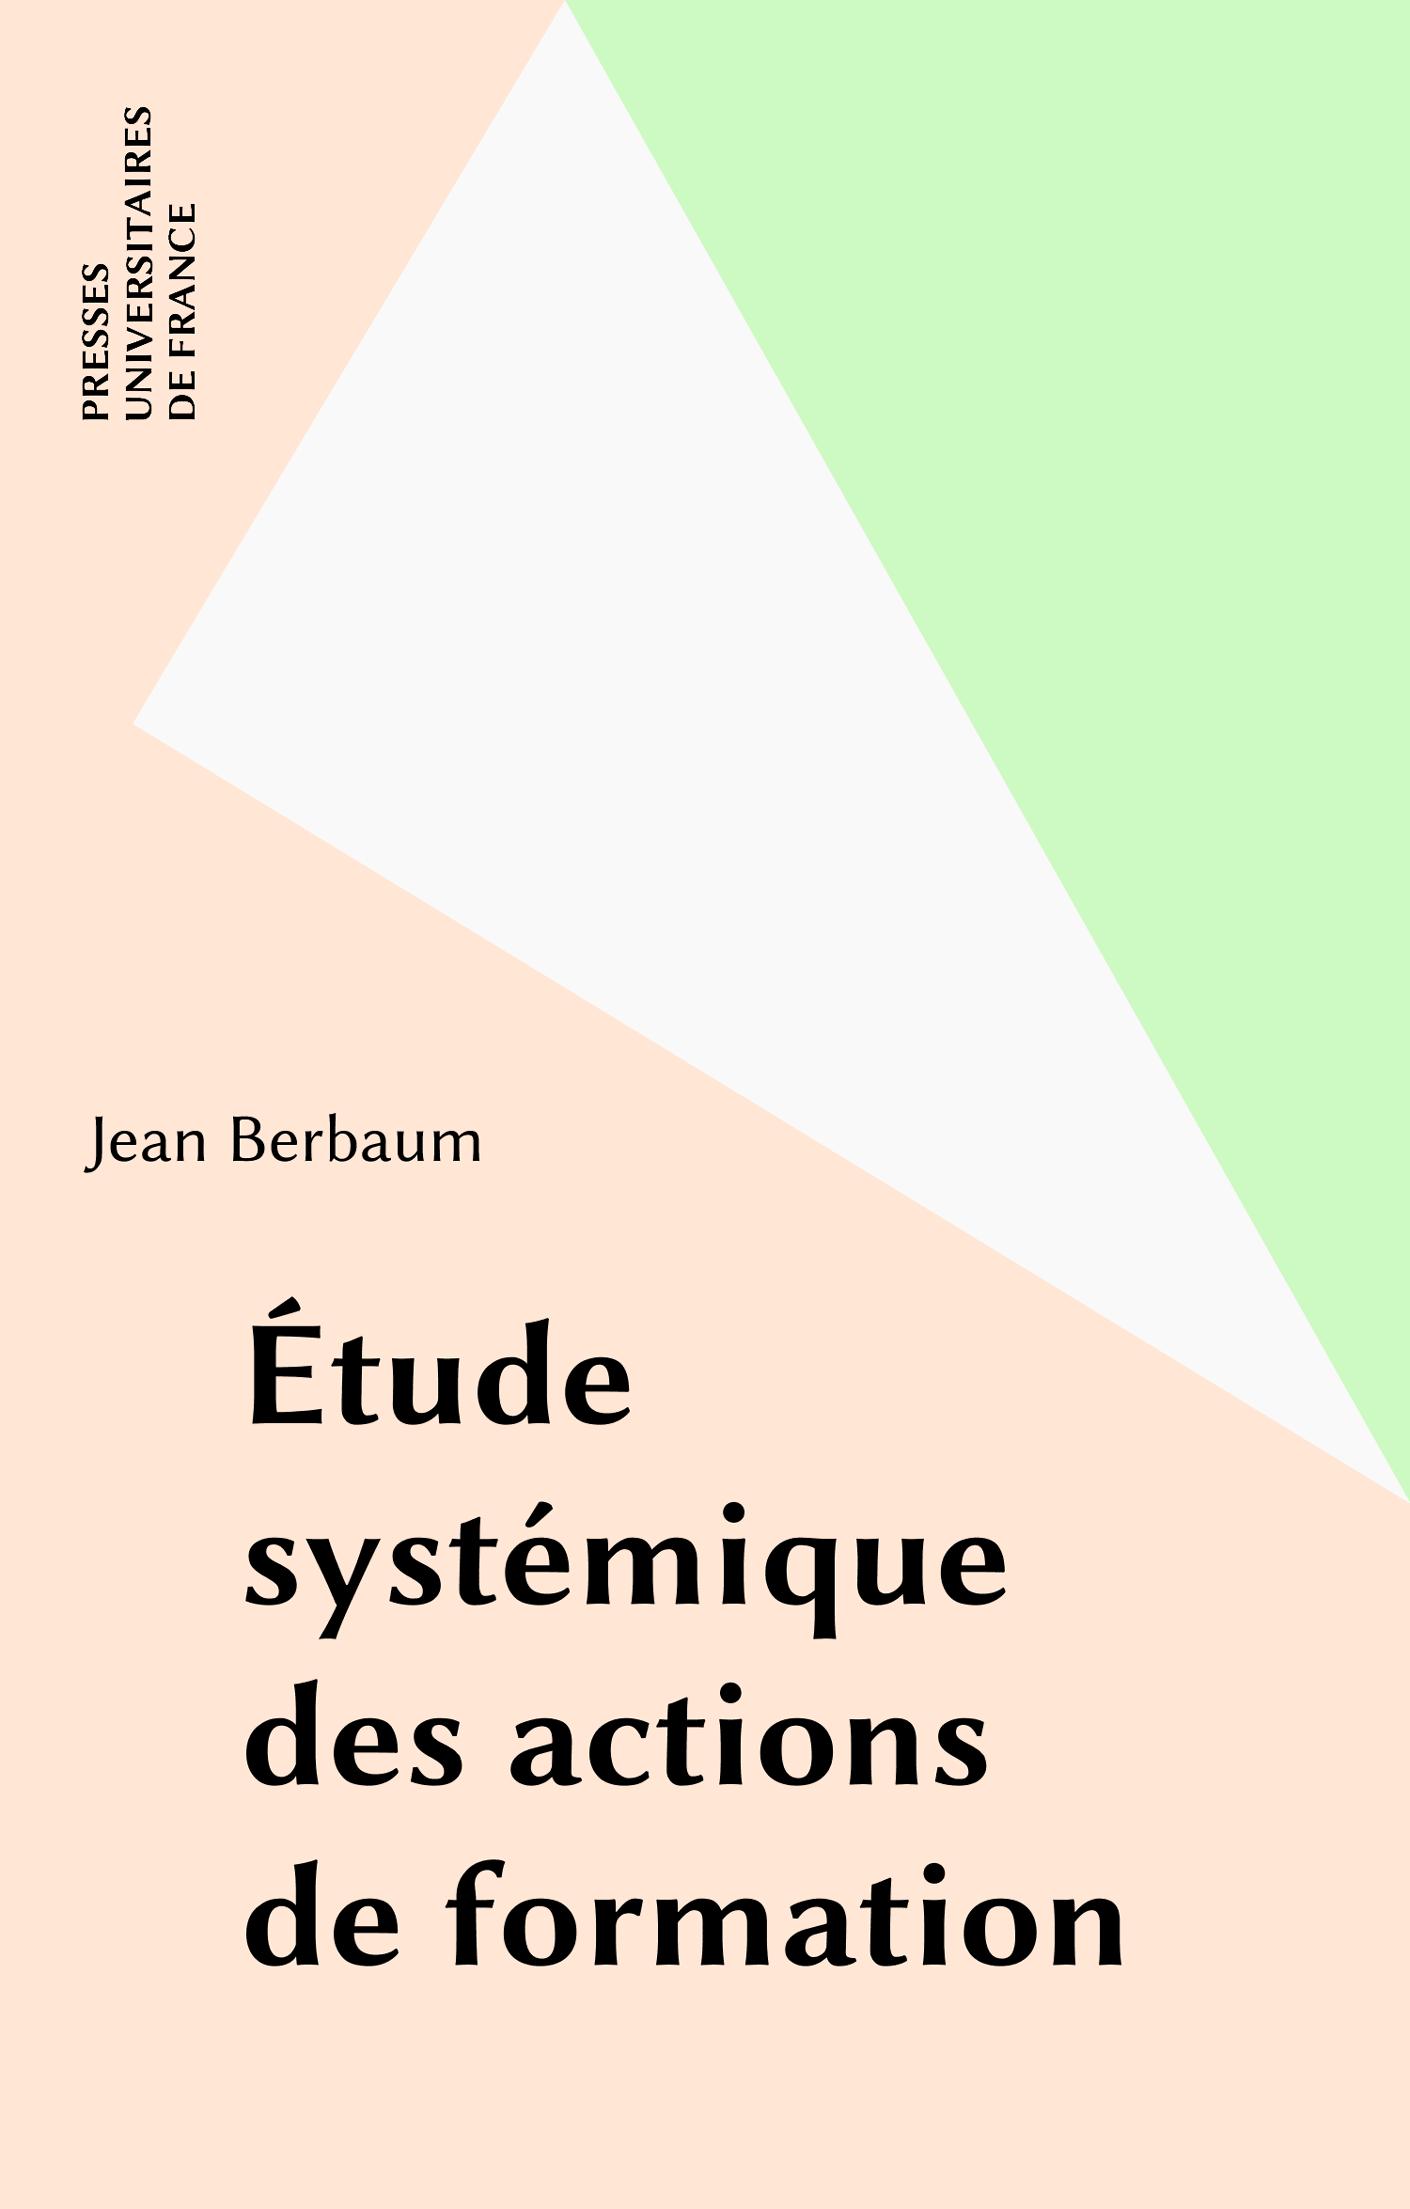 Étude systémique des actions de formation